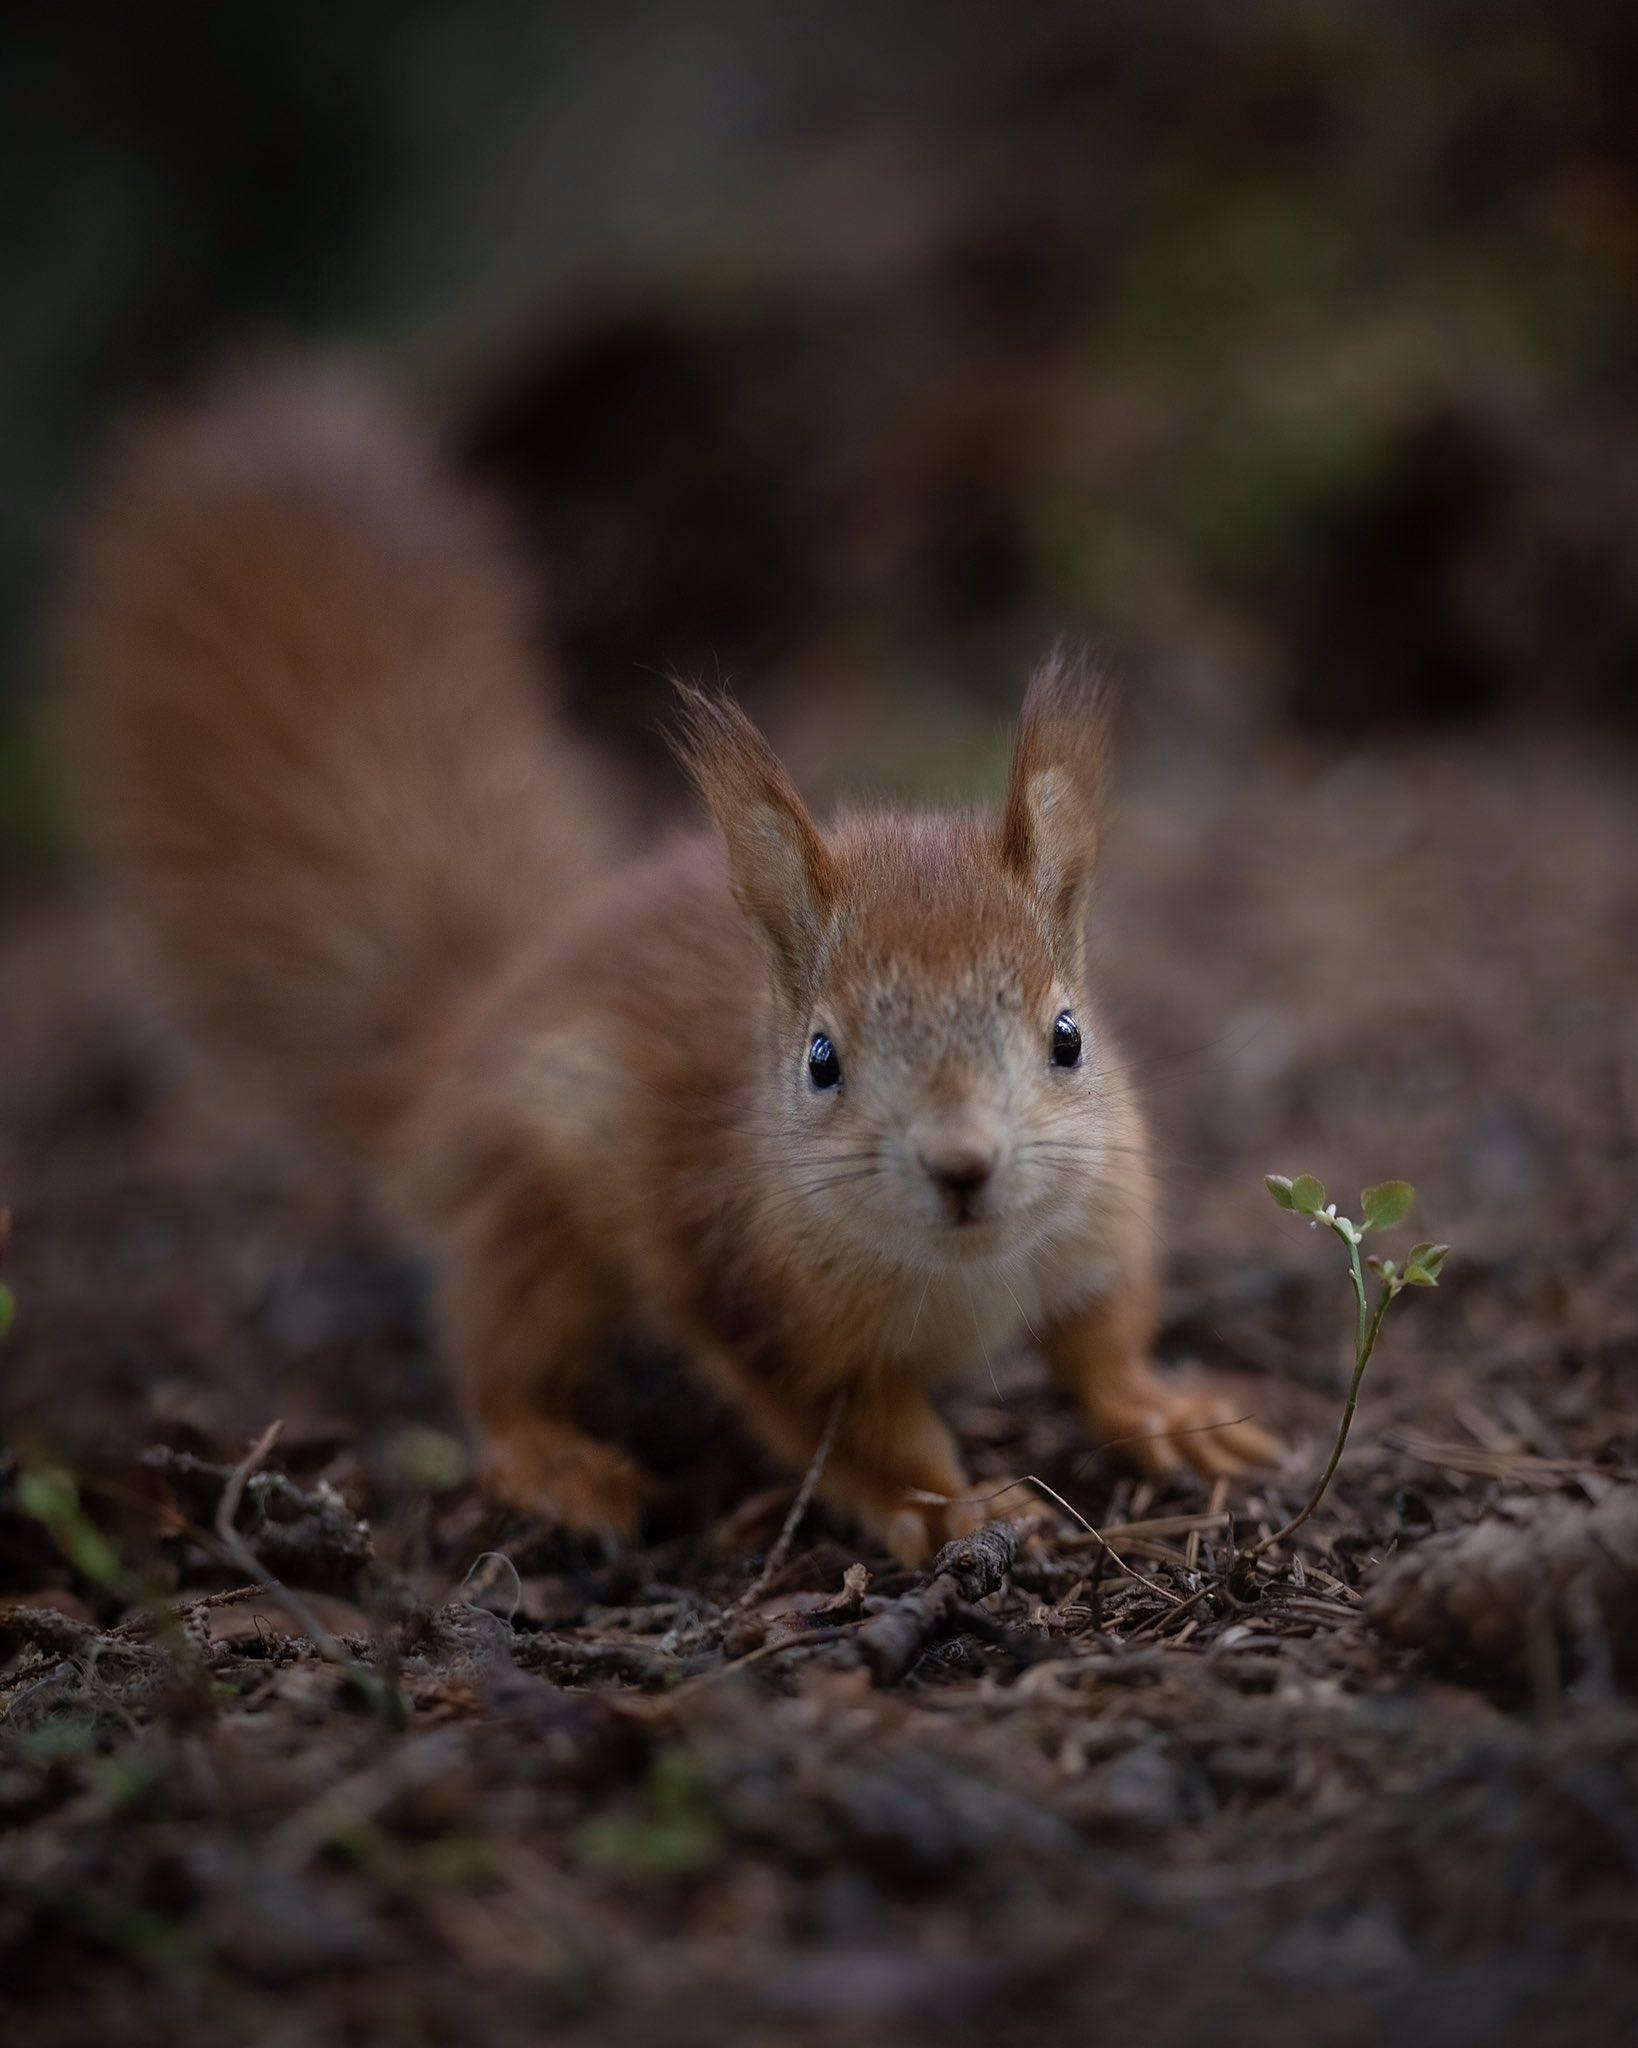 fotografa-registra-esquilos-vermelhos